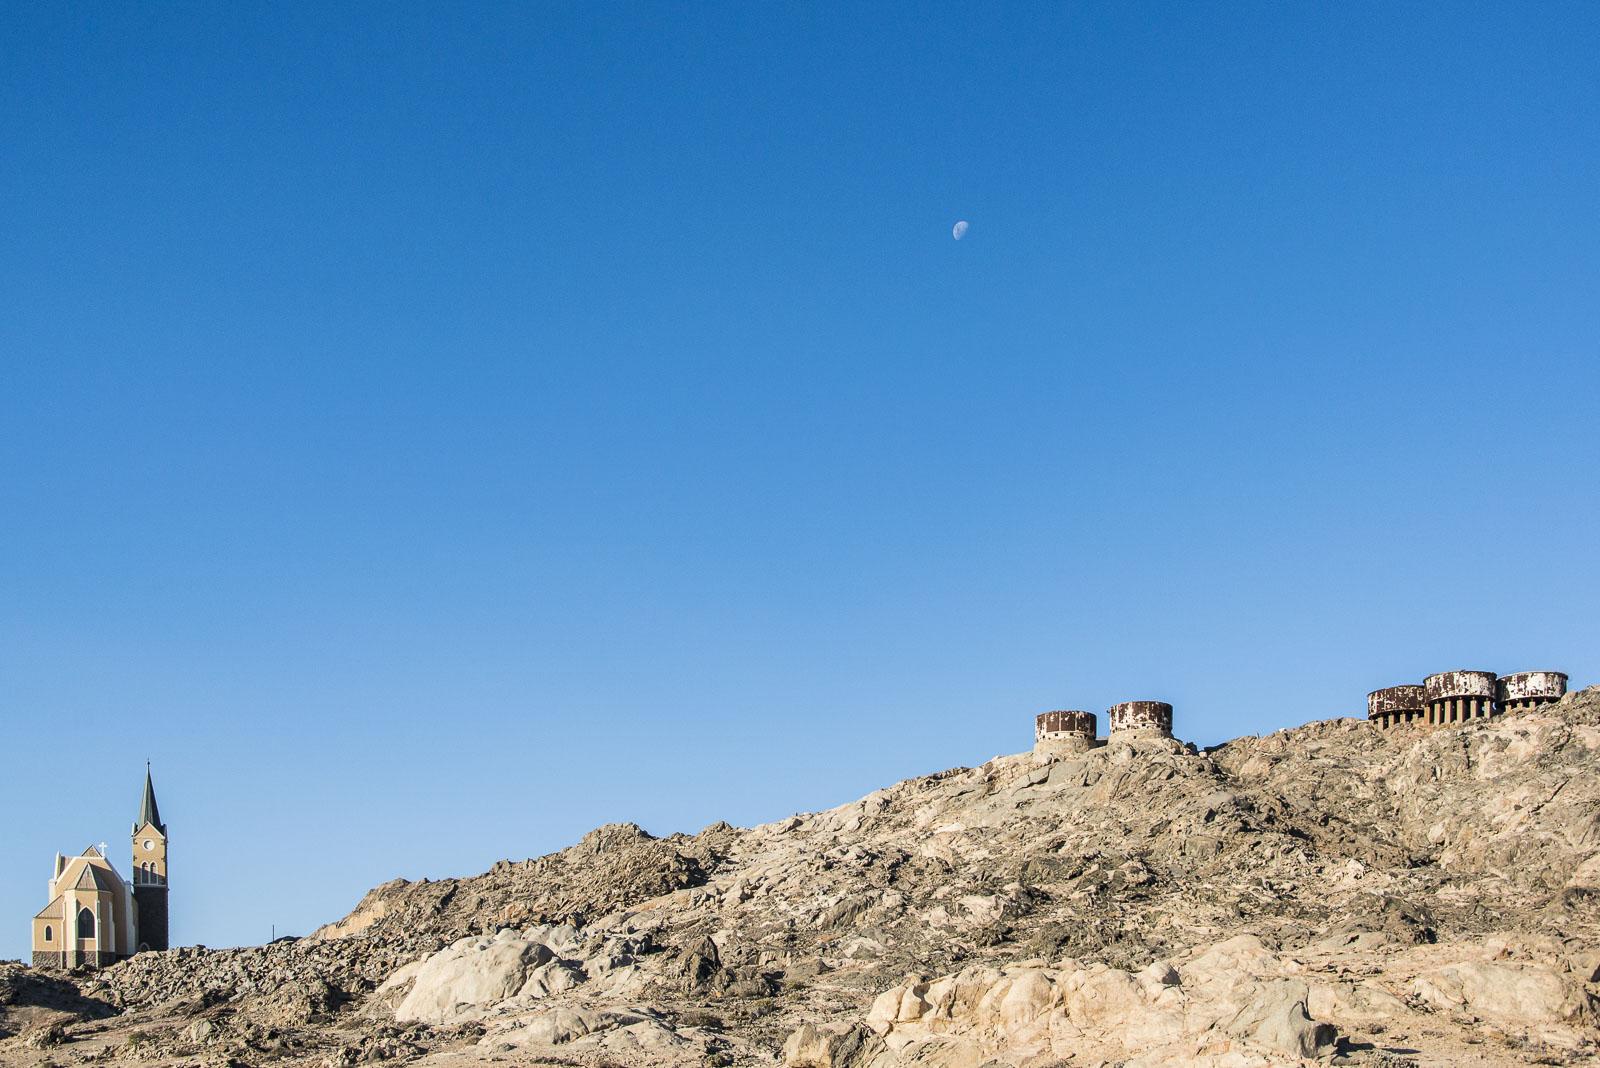 Lüderitz, Namibia